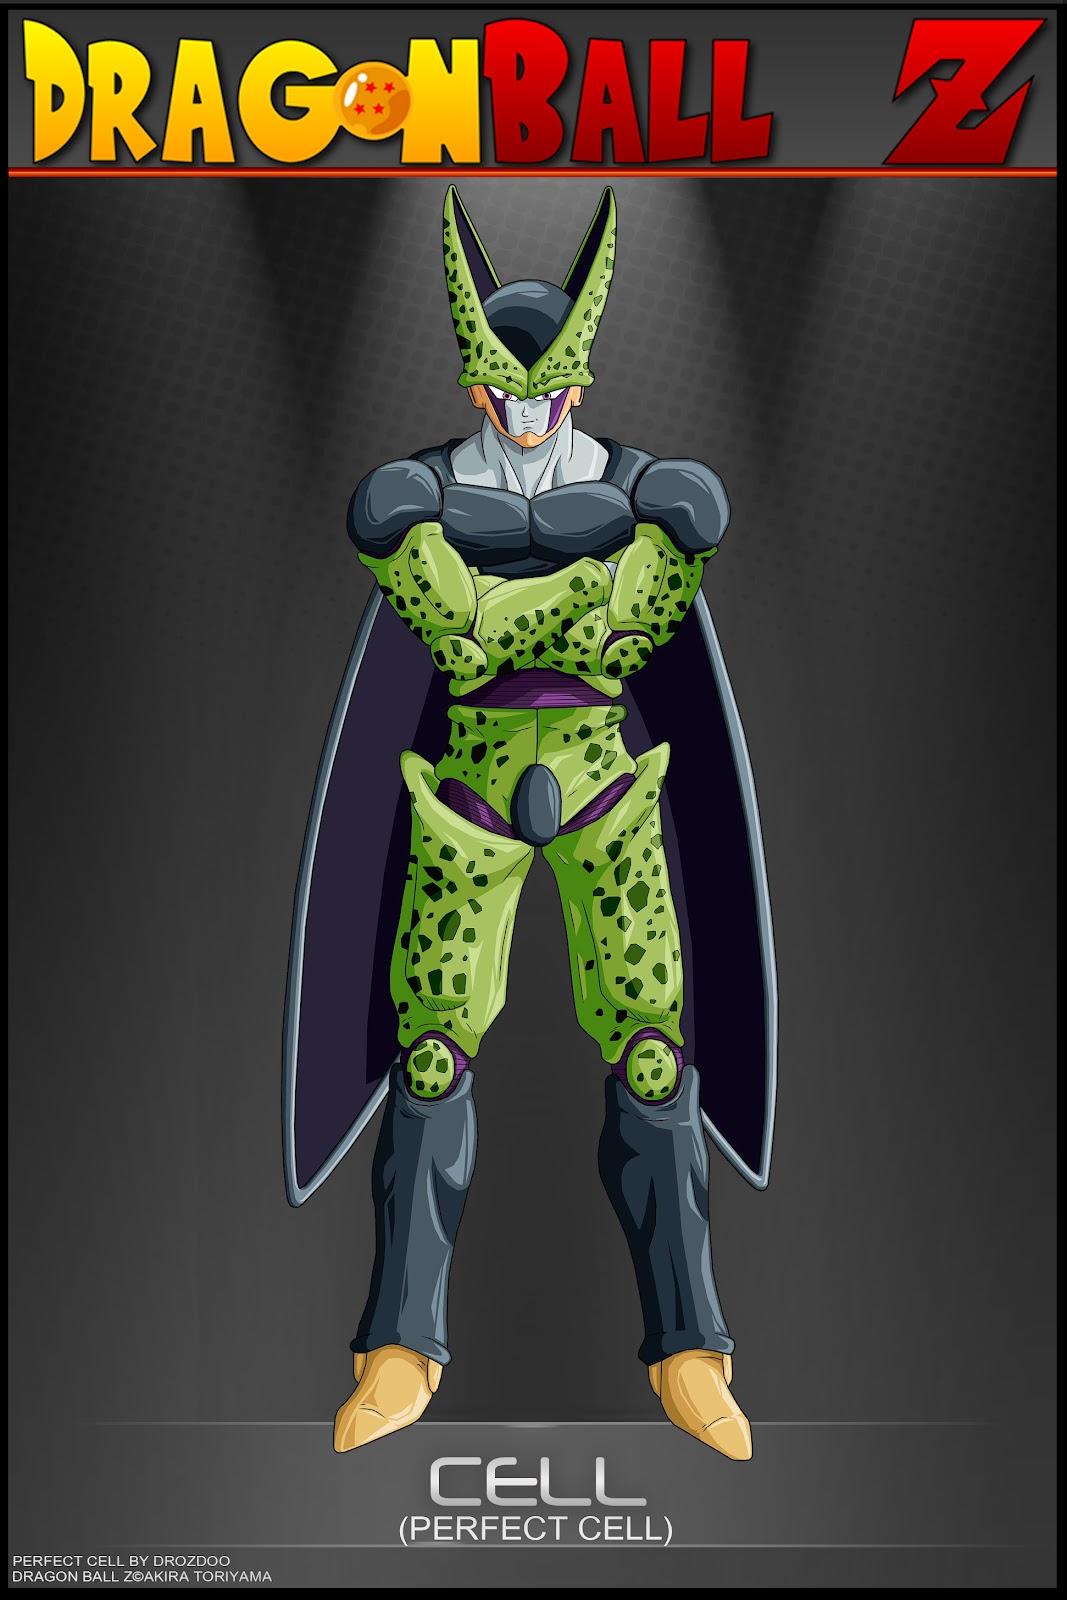 King Vegeta Super Saiyan 5 DRAGON BALL Z WALLPAPE...